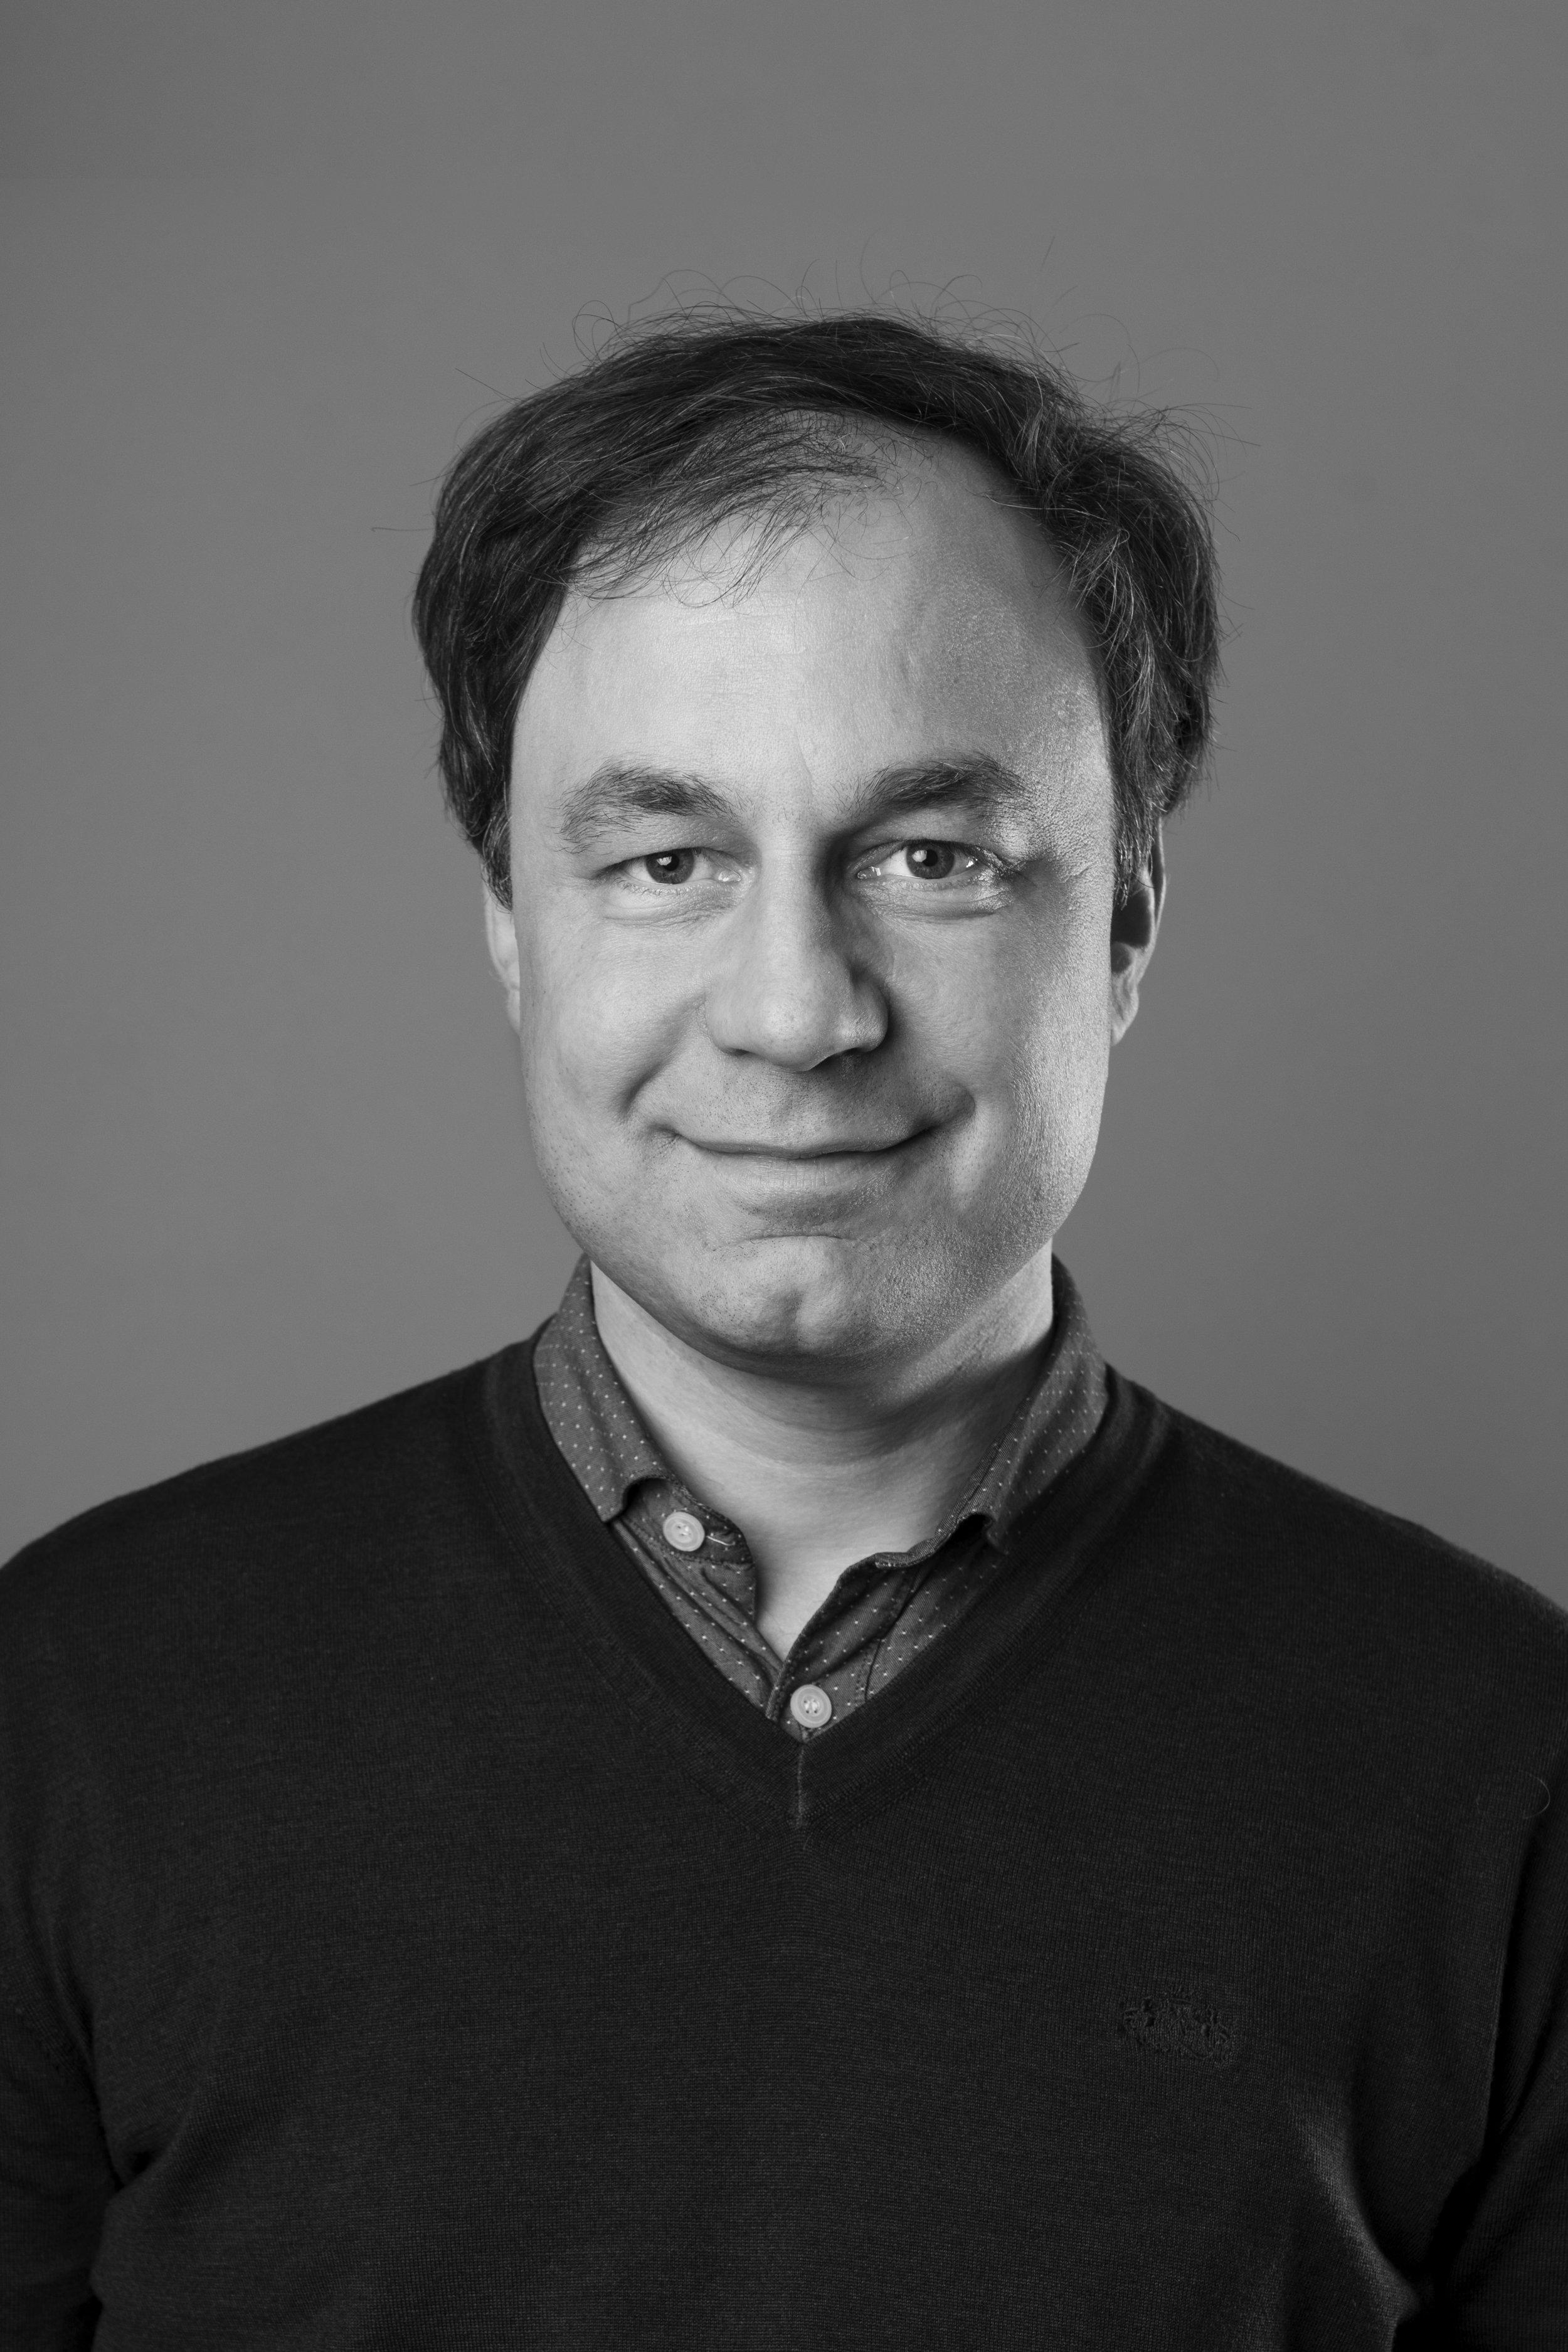 Volker Denkel